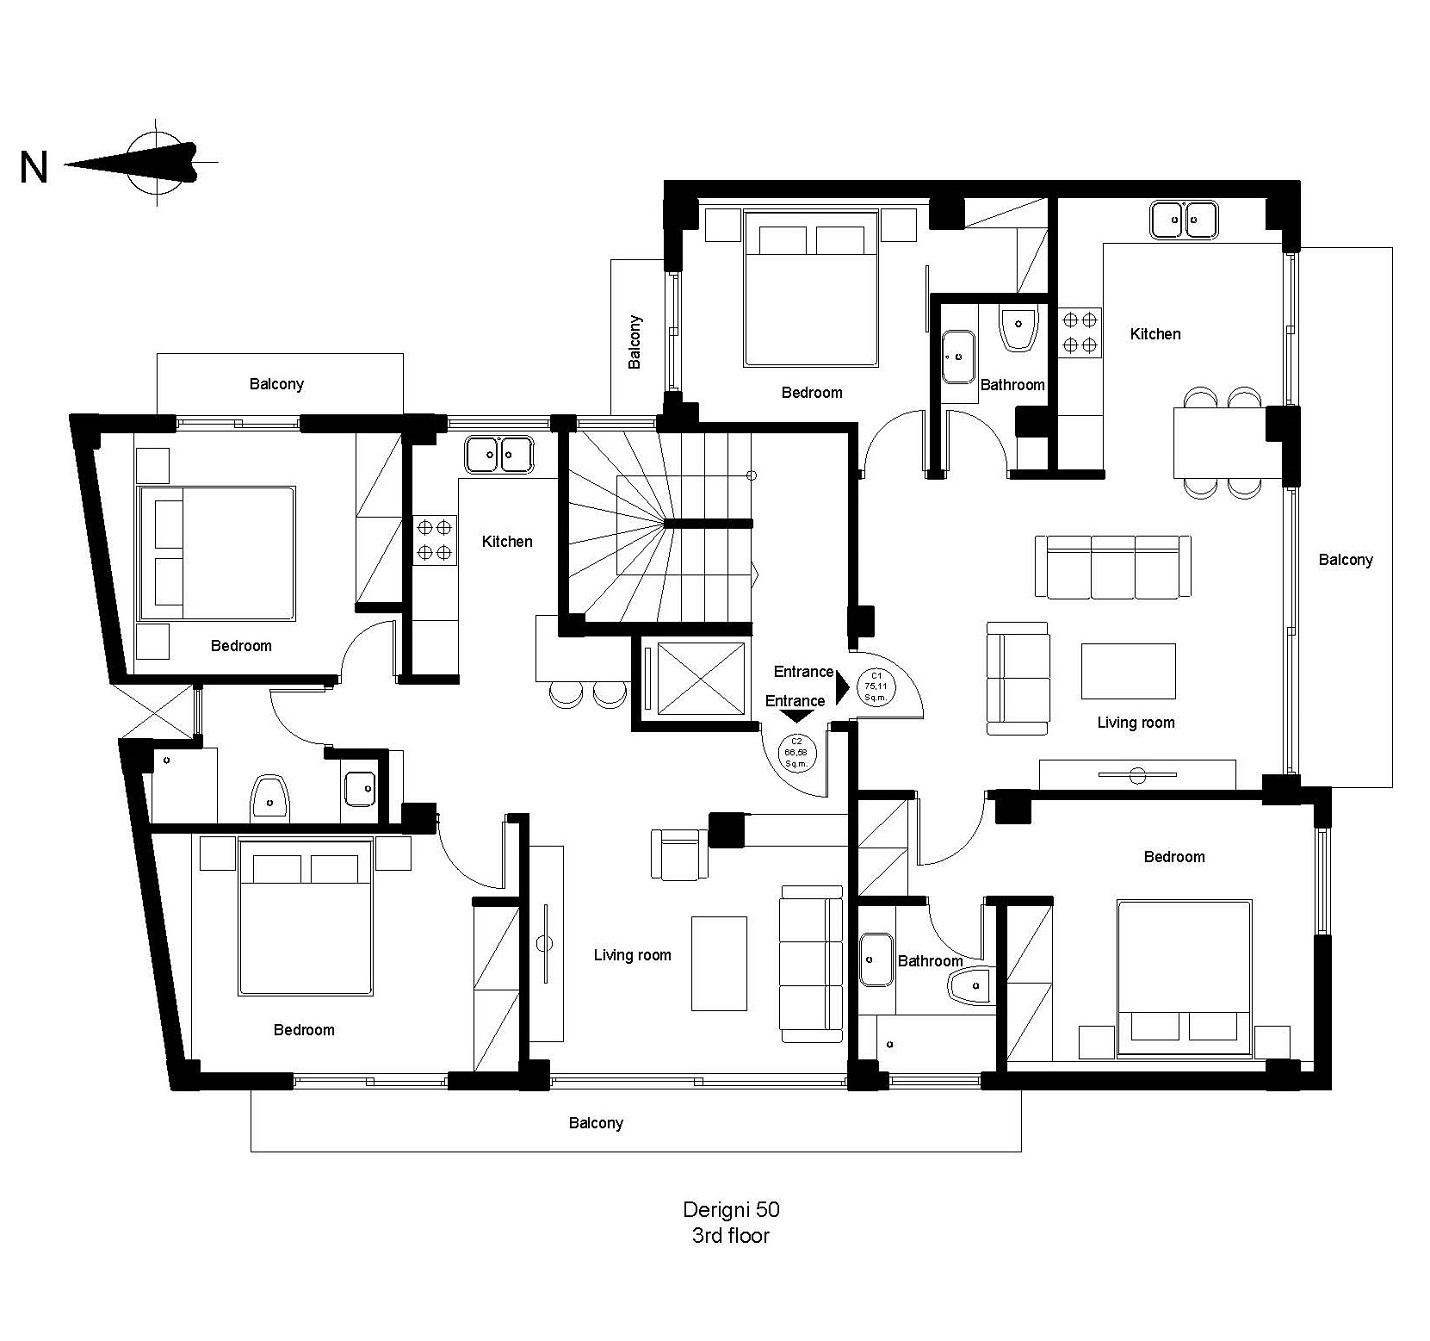 Derigni 50 3rd floor plan